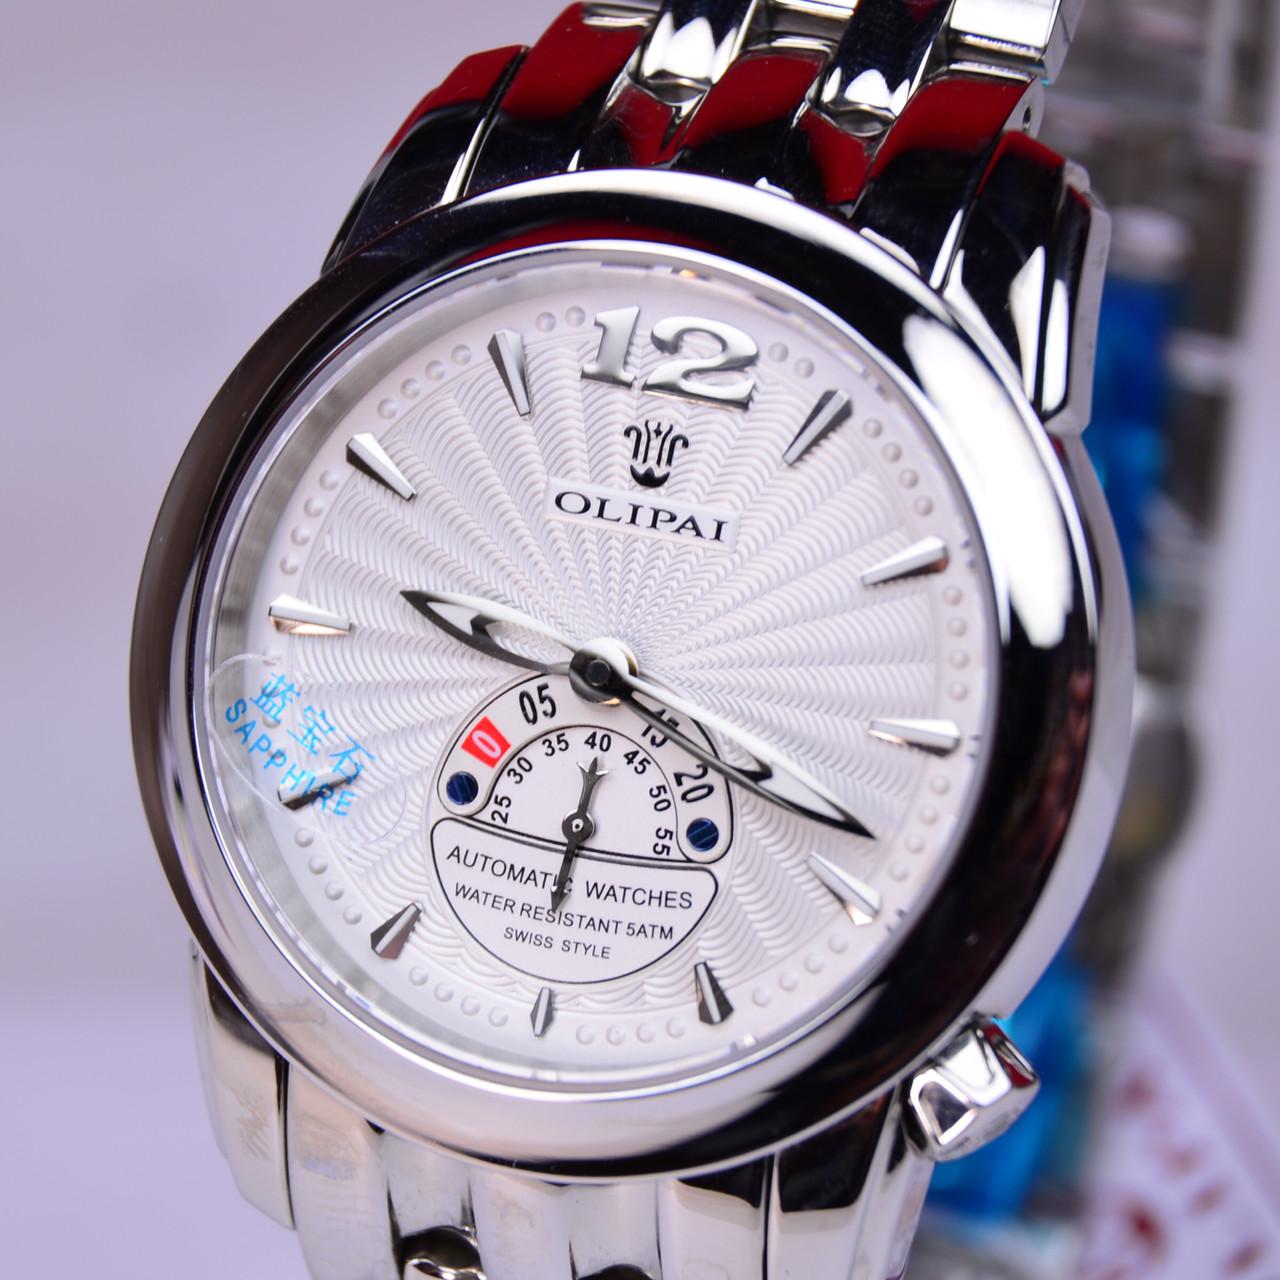 Часы мужские с автоподзаводом купить купить часы в гринвиче екатеринбурге